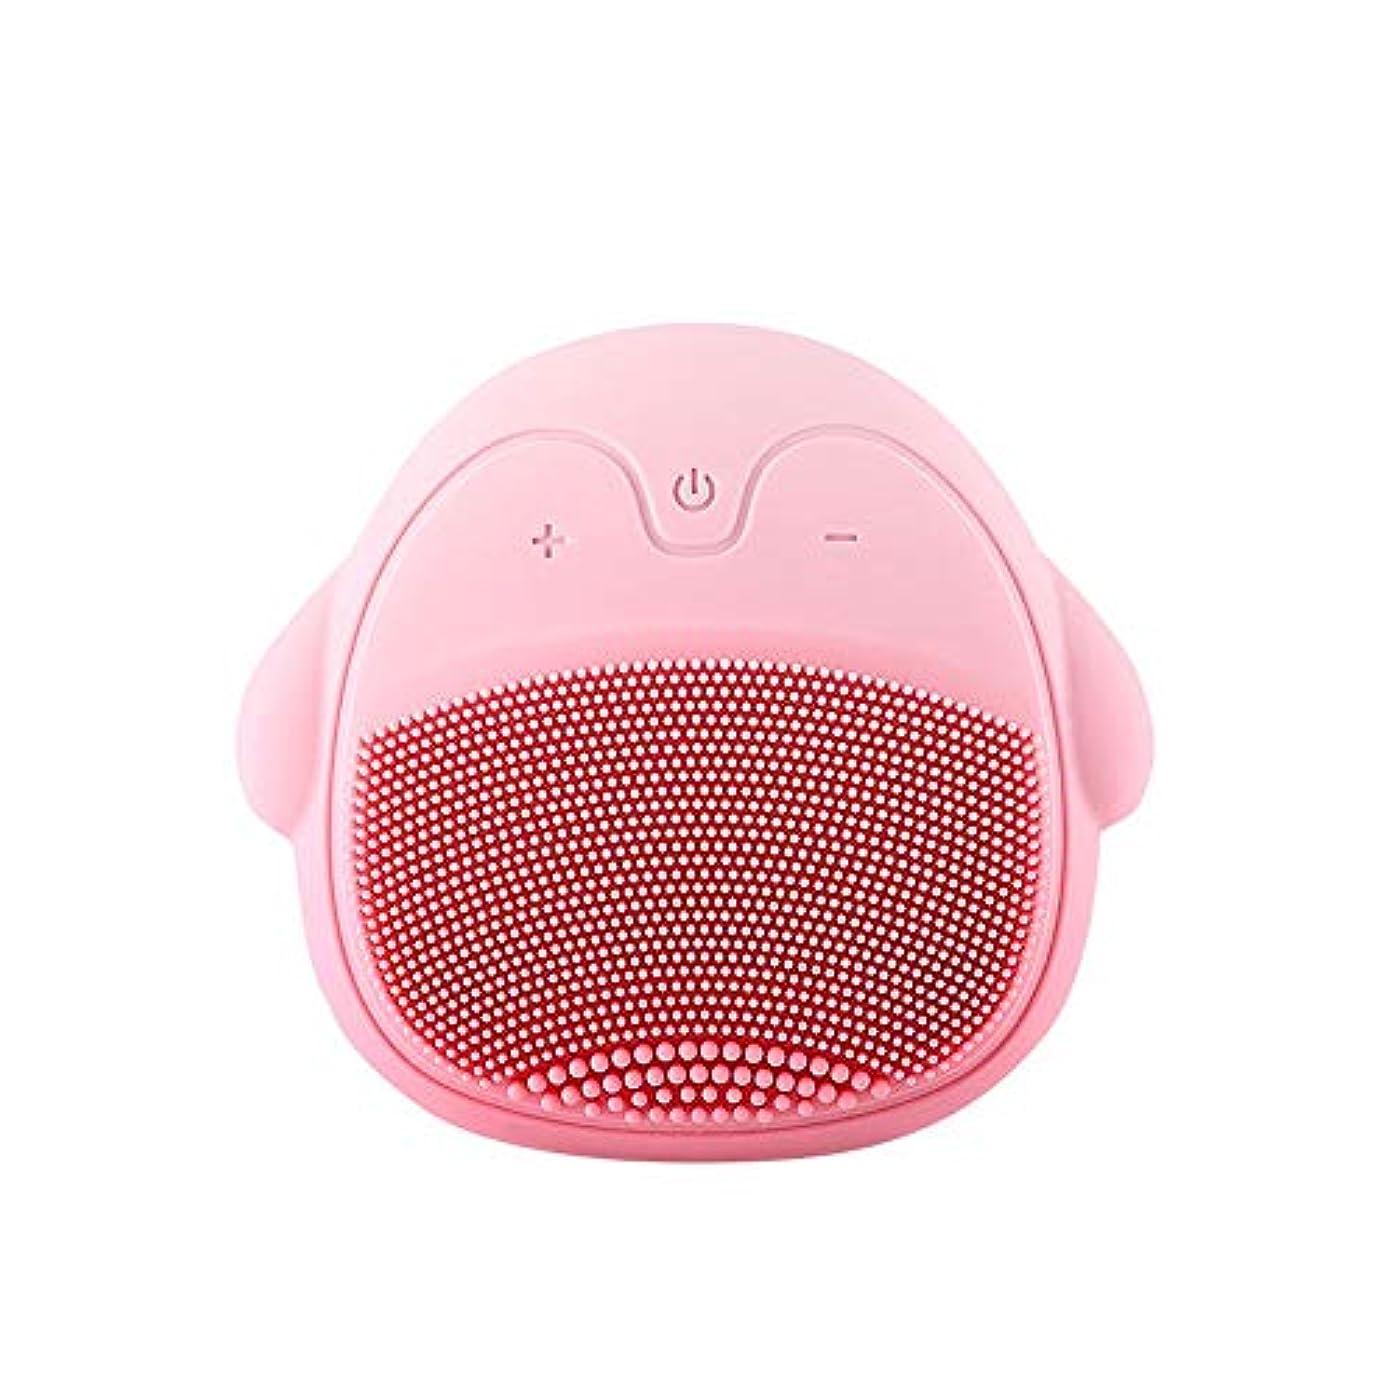 シリコンフェイスブラシ、洗顔ブラシ、ディープクレンジング、スキンケア、かわいい、ピンク